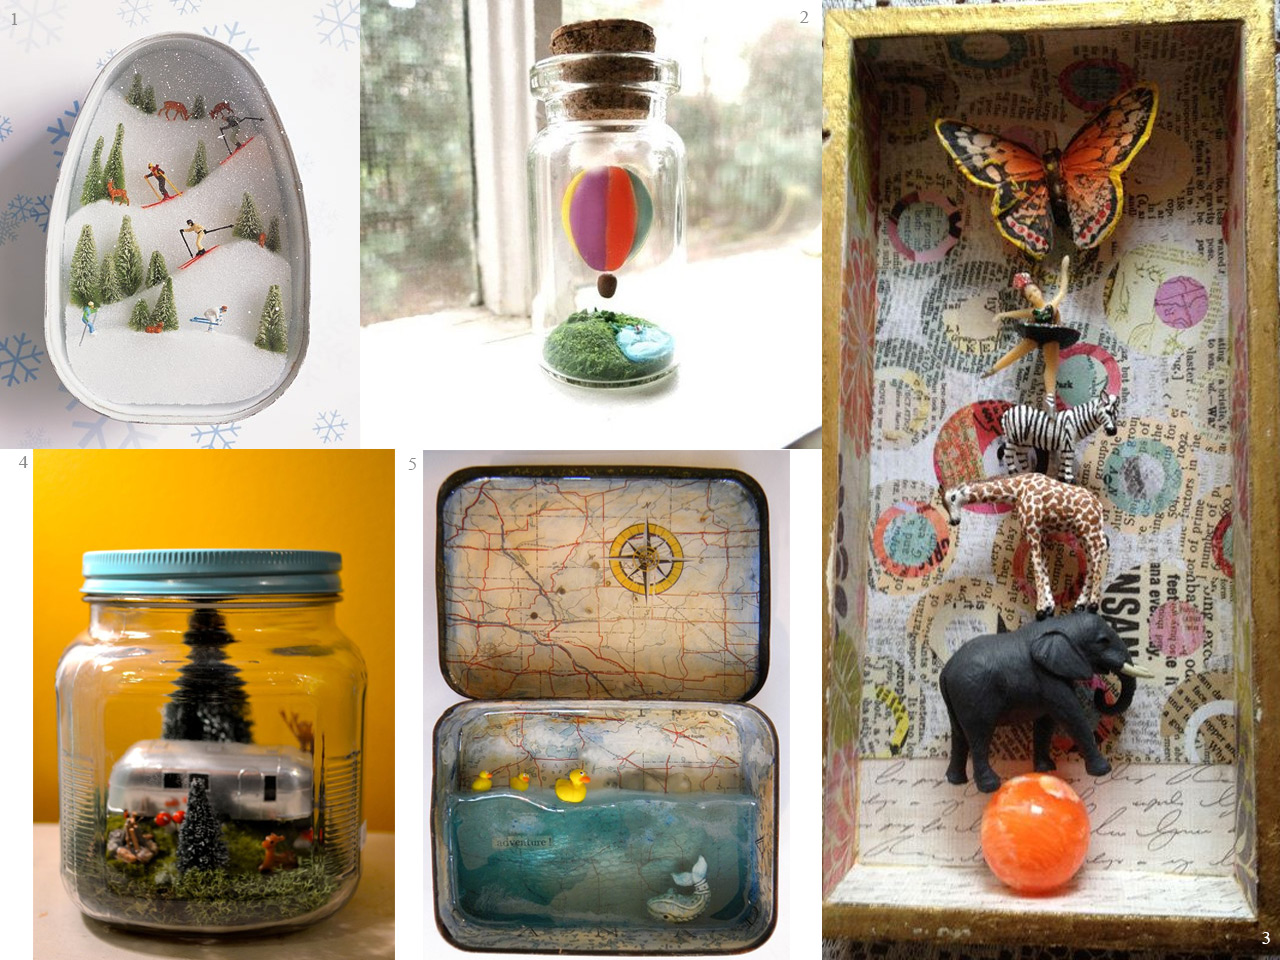 Una decoraci n con recuerdos de viajes y vacaciones - Donde decorar fotos ...